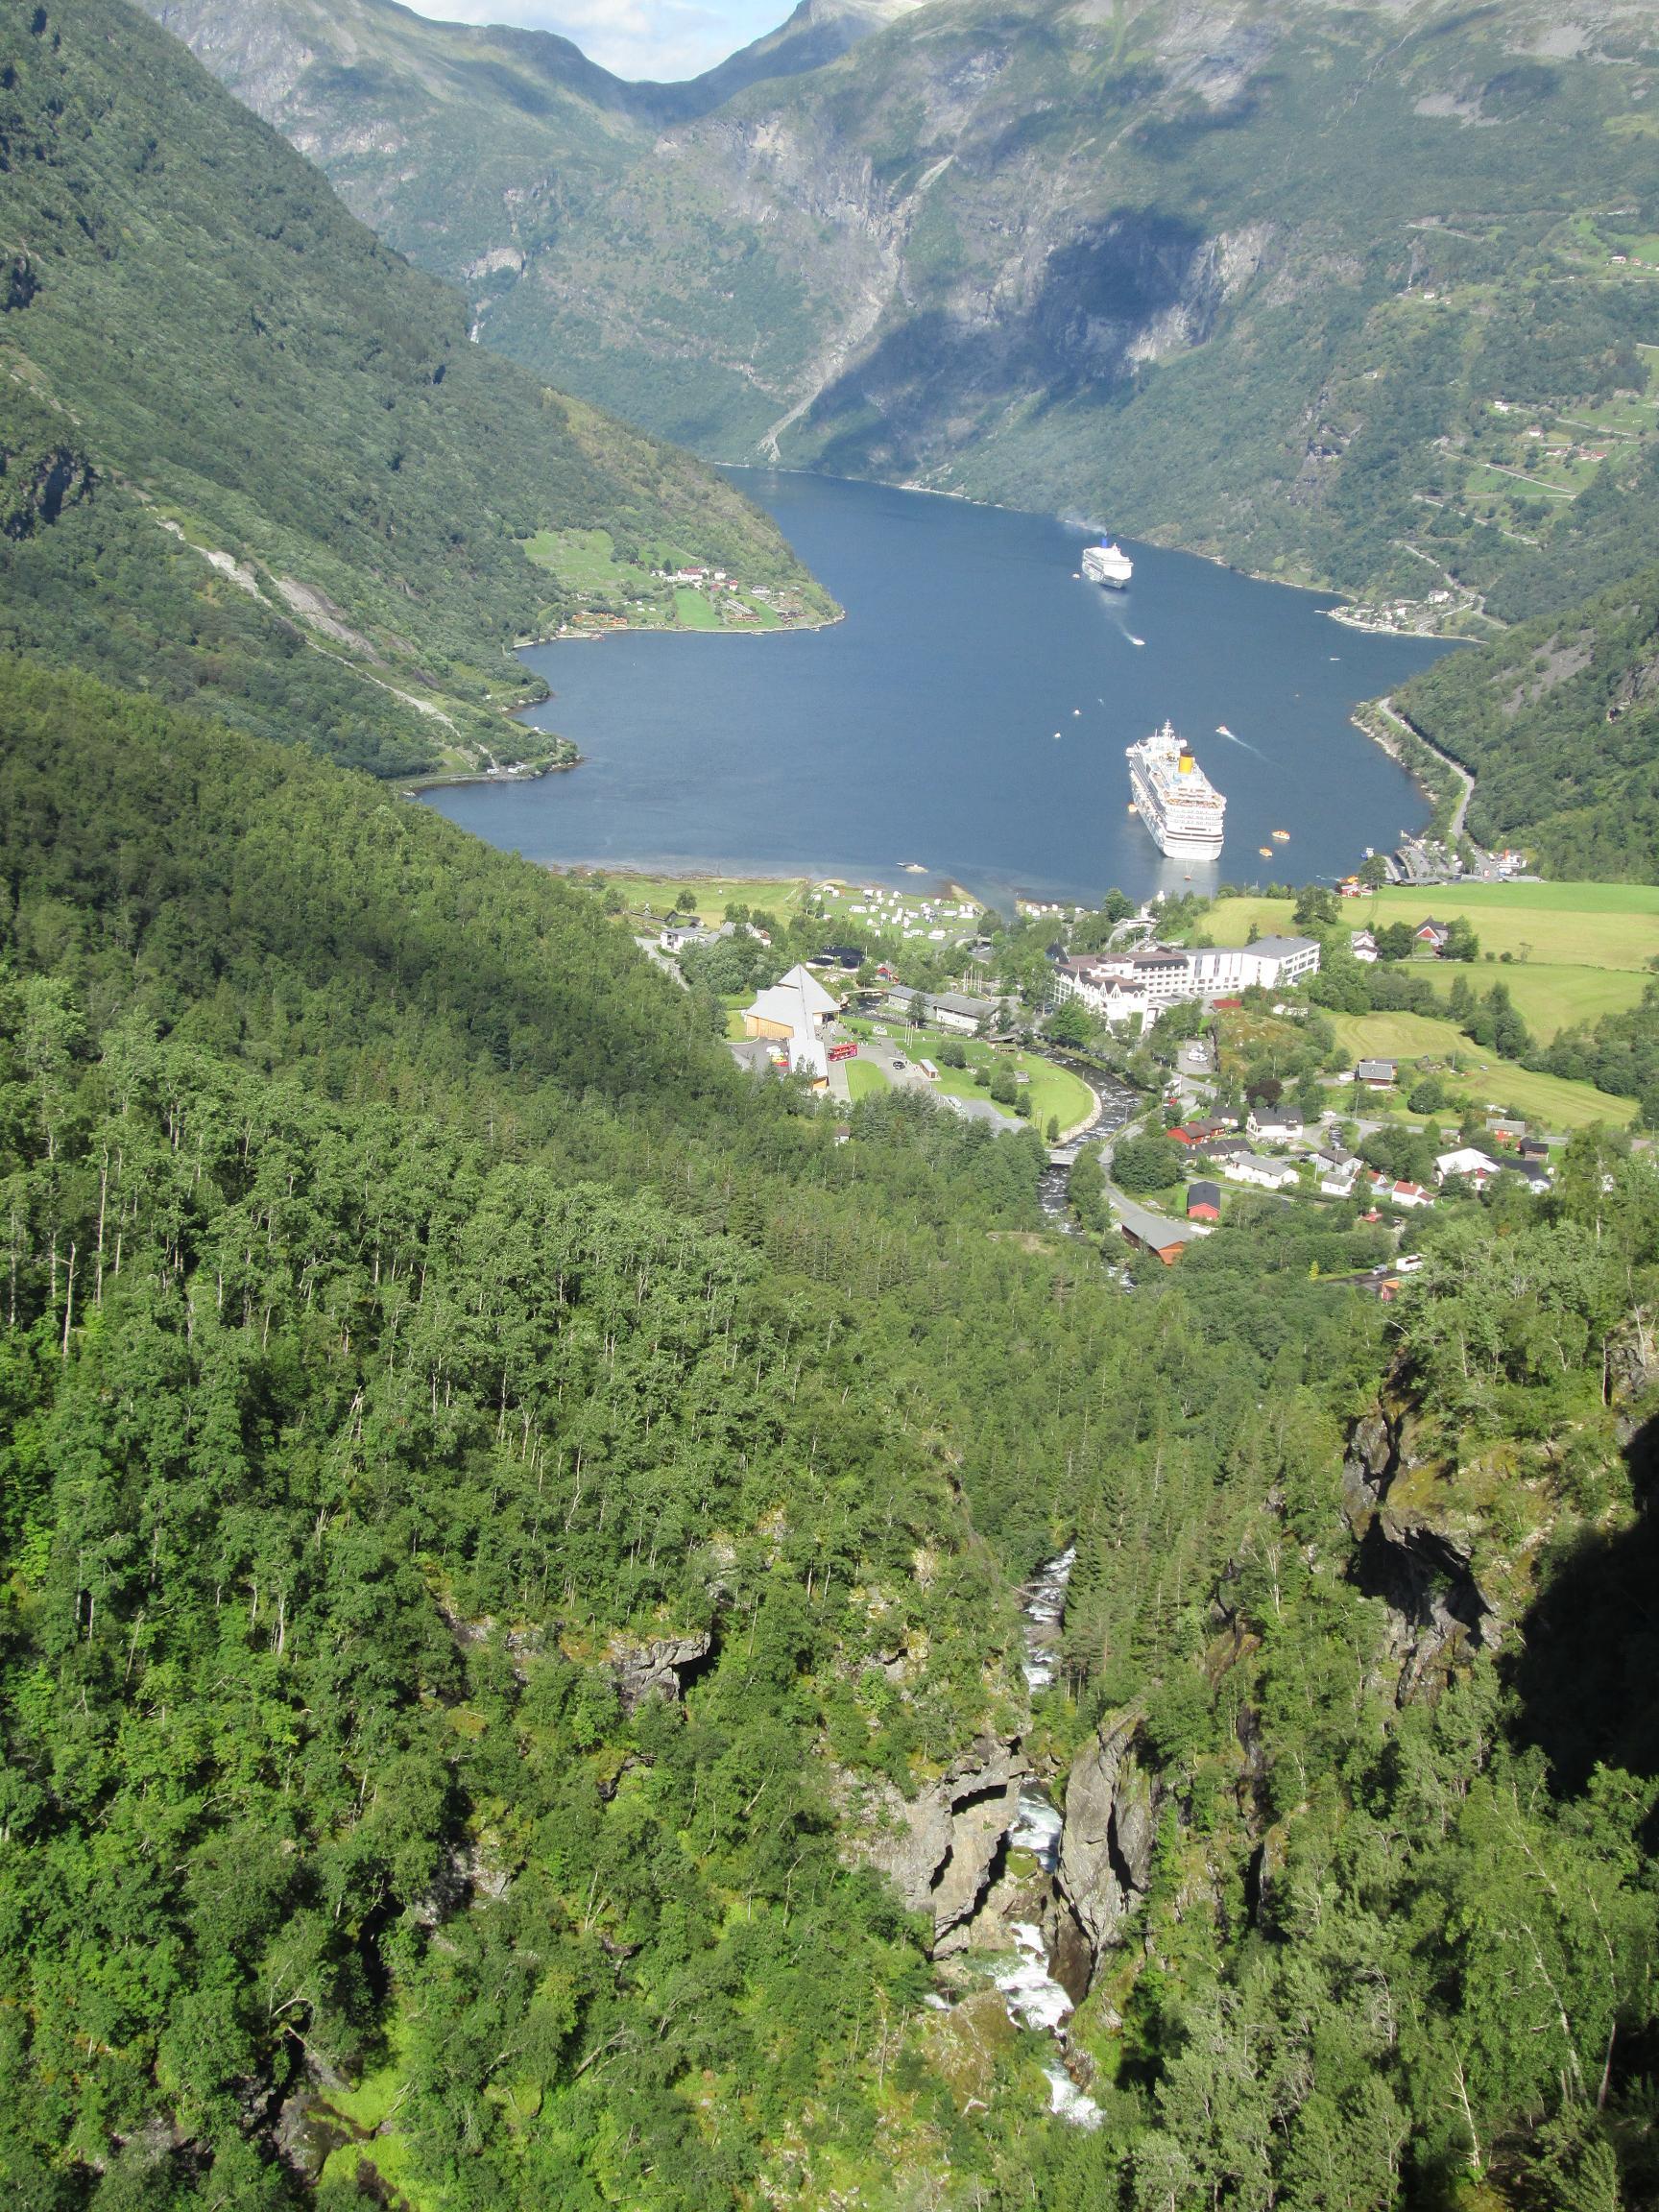 Tout en bas, au fond du fjord, notre Costa Favolosa paraît tout petit. Photo MS.